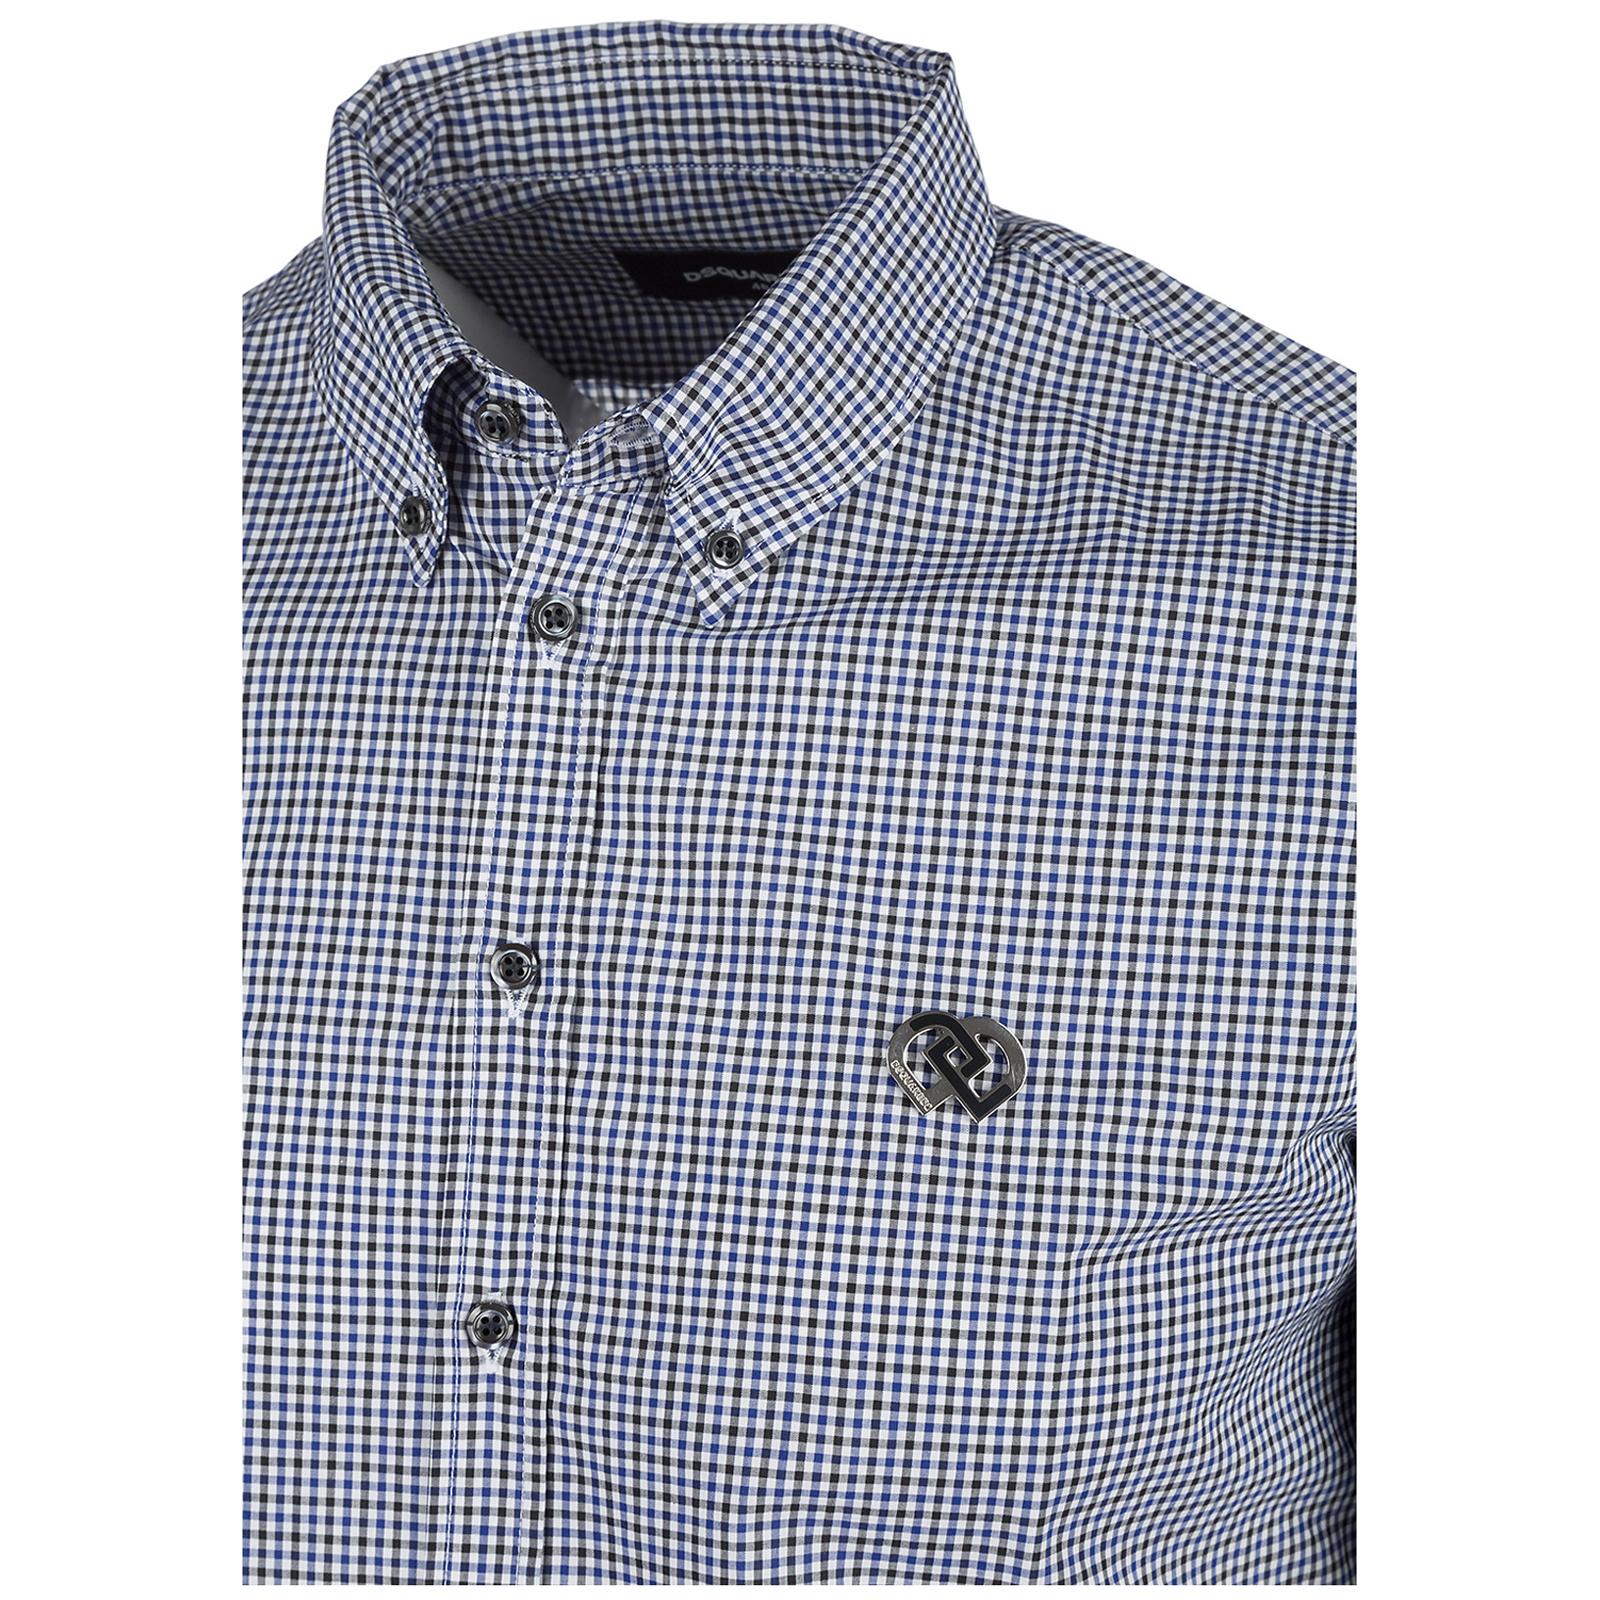 Men's short sleeve shirt  t-shirt